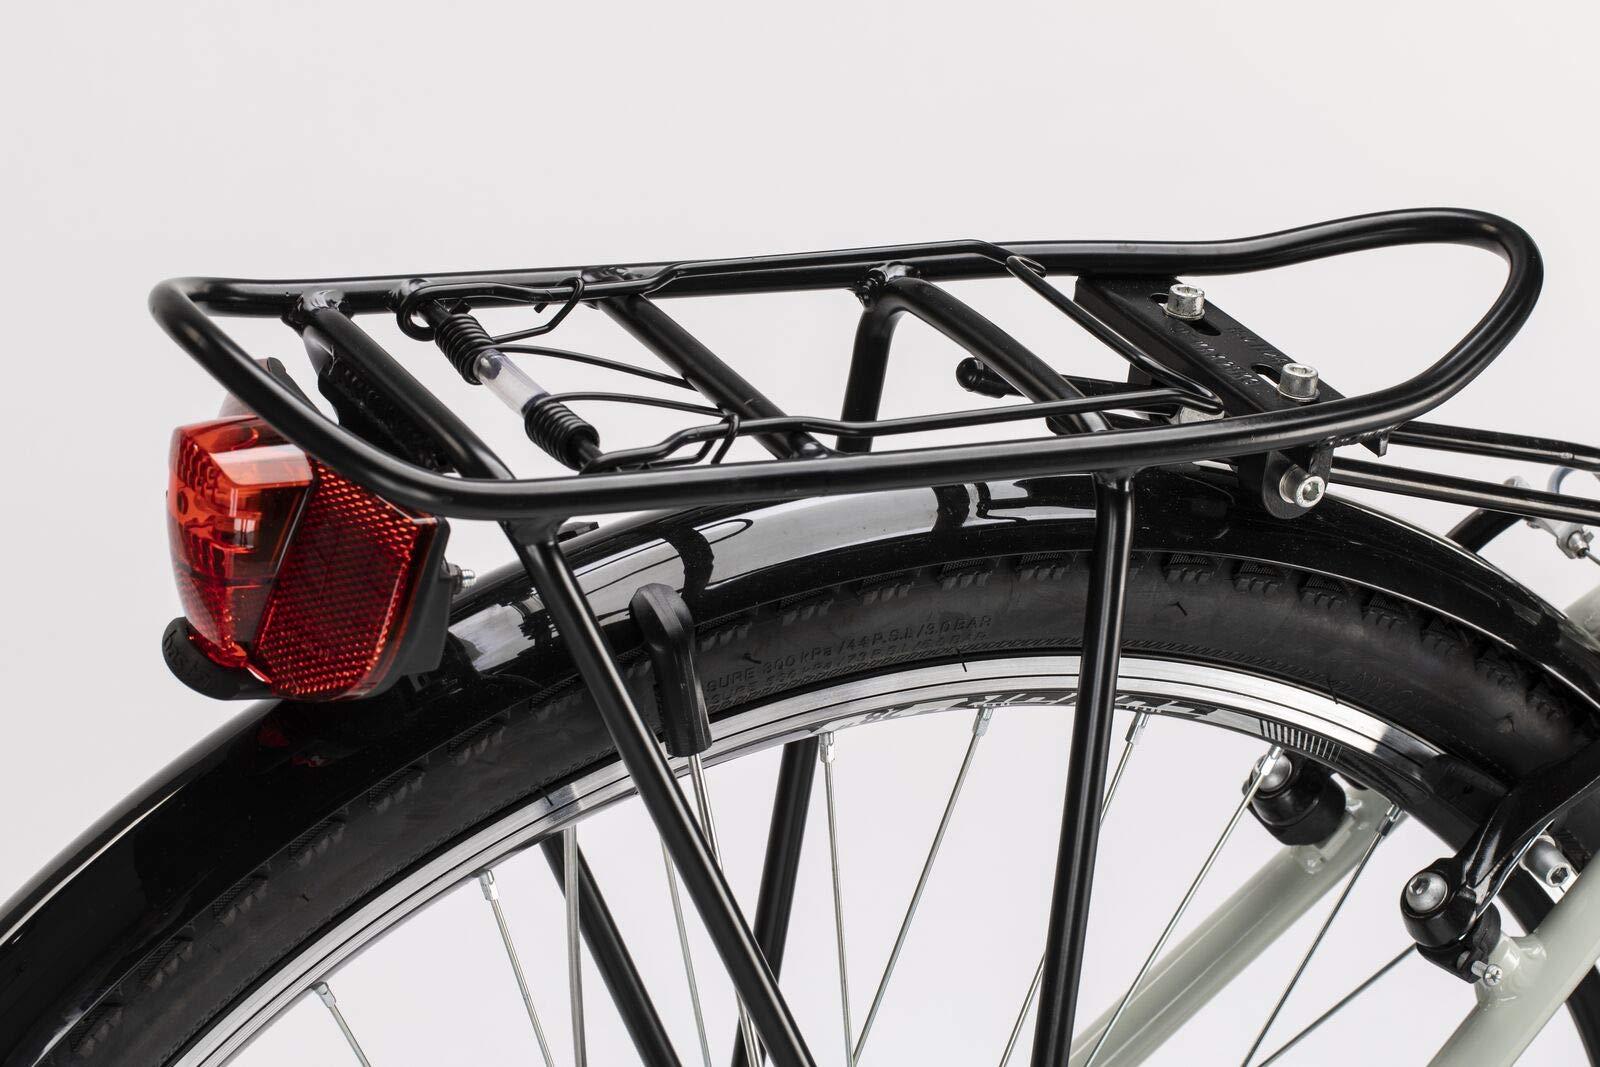 Bicicleta CONOR CITY MIXTA MAN GRIS. Bicicleta para ciudad dos ruedas. Bici urbana para adultos para dar paseos. Bike desplazarse cómodamente por la ciudad. Ruedas 28 pulgadas. Cambio de 8 velocidades: Amazon.es: